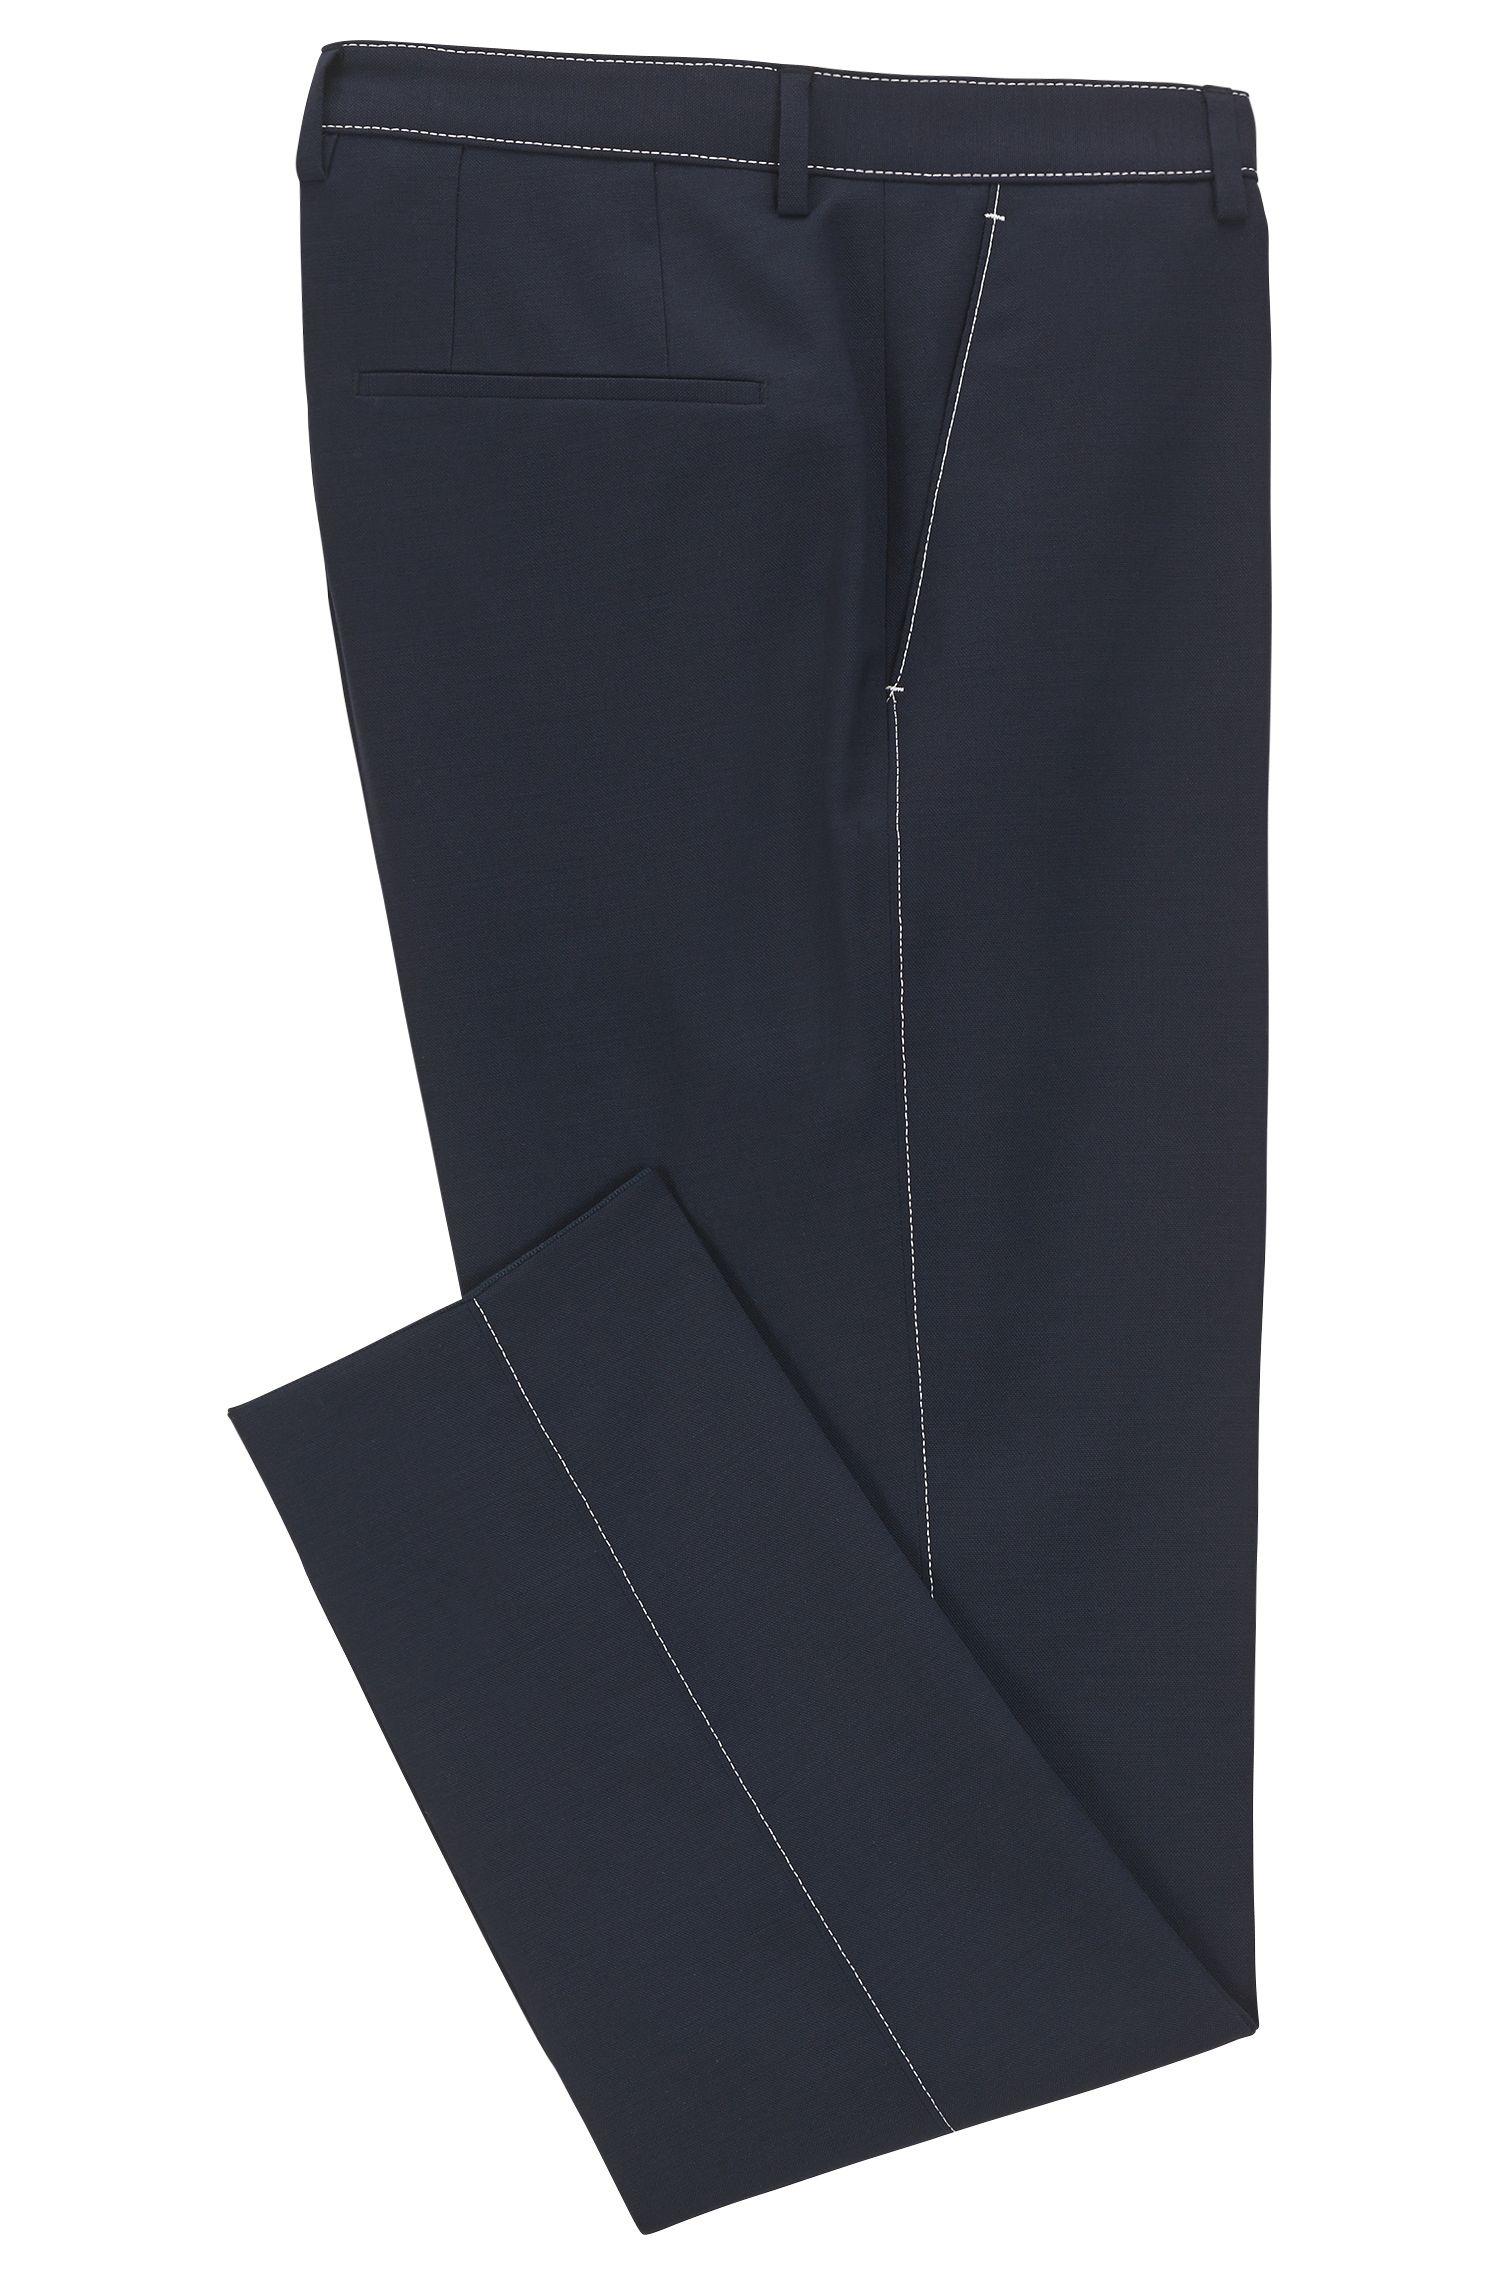 Slim-Fit Hose aus melierter Schurwolle mit Kontrastnähten